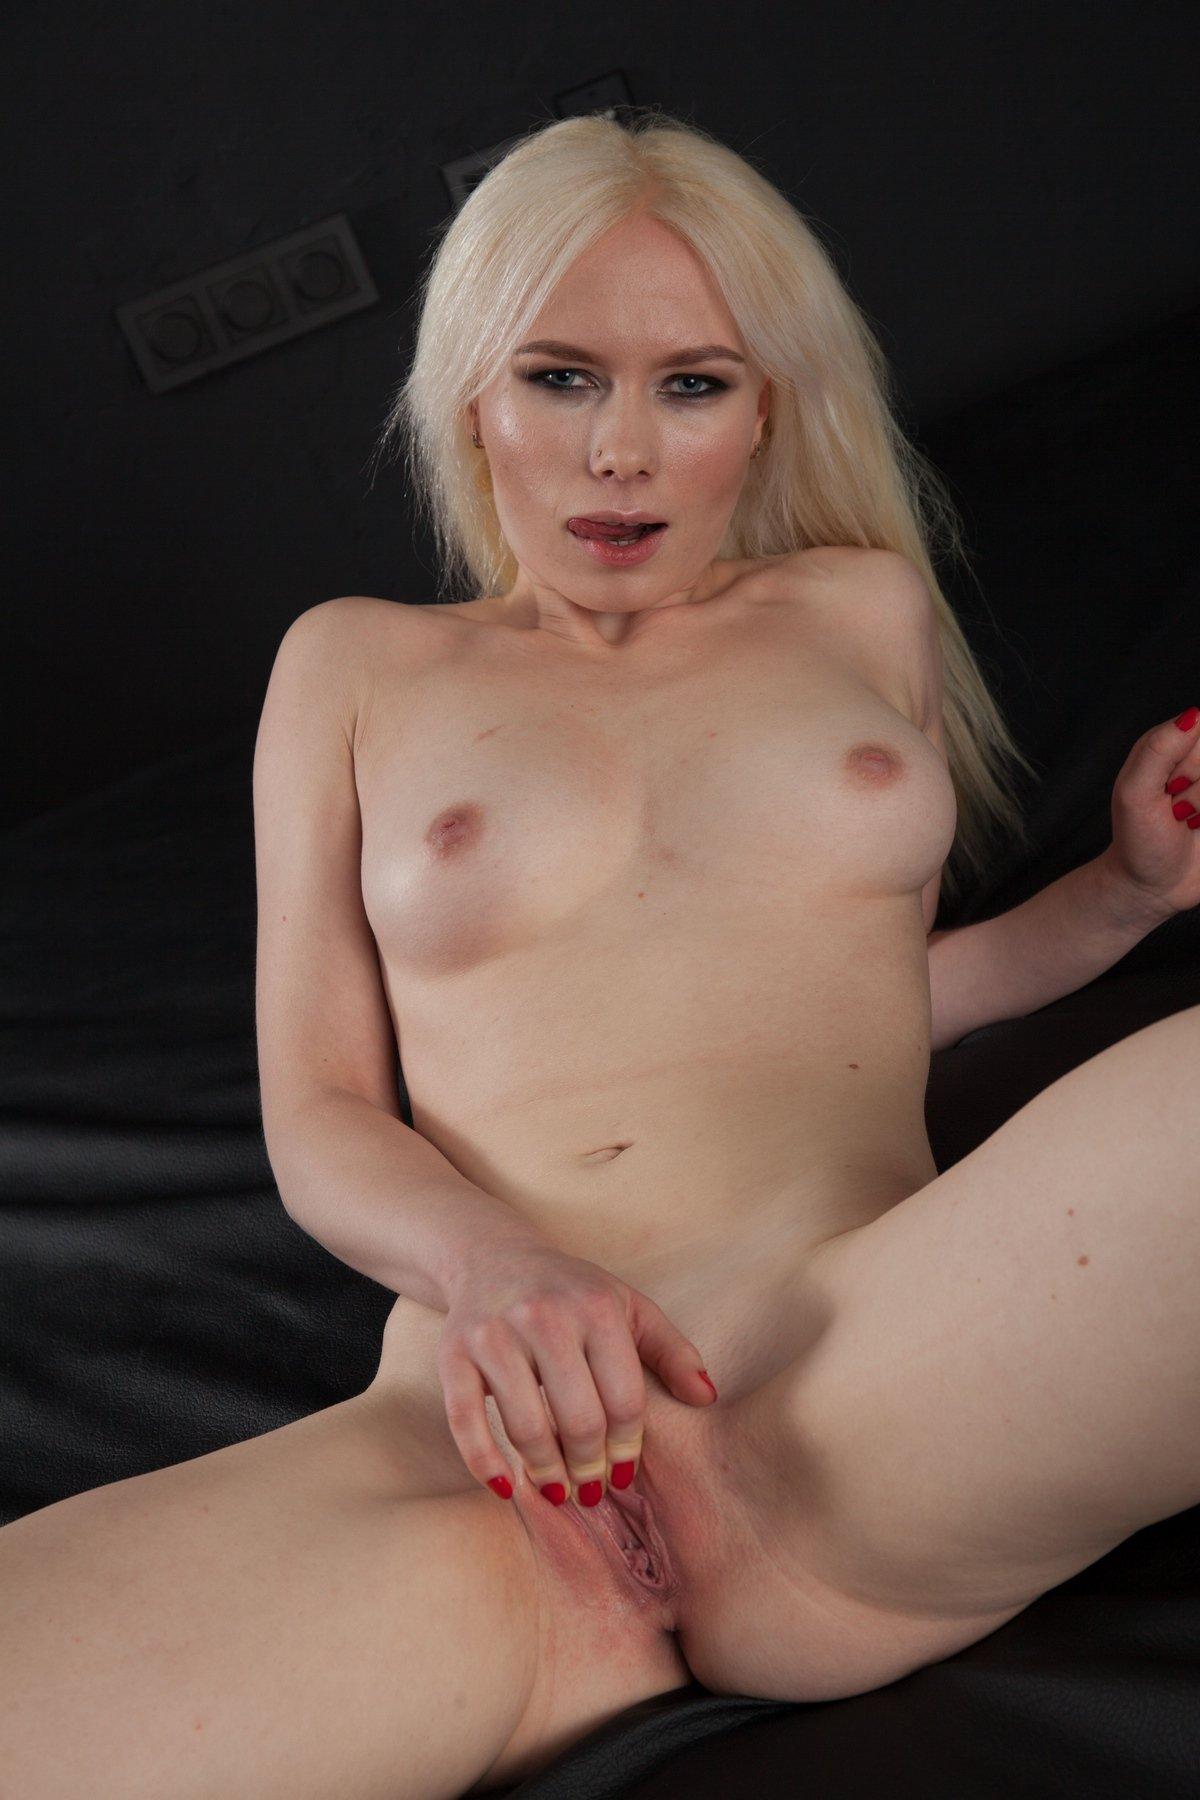 Обнаженка возбужденной блондиночки в черном боди